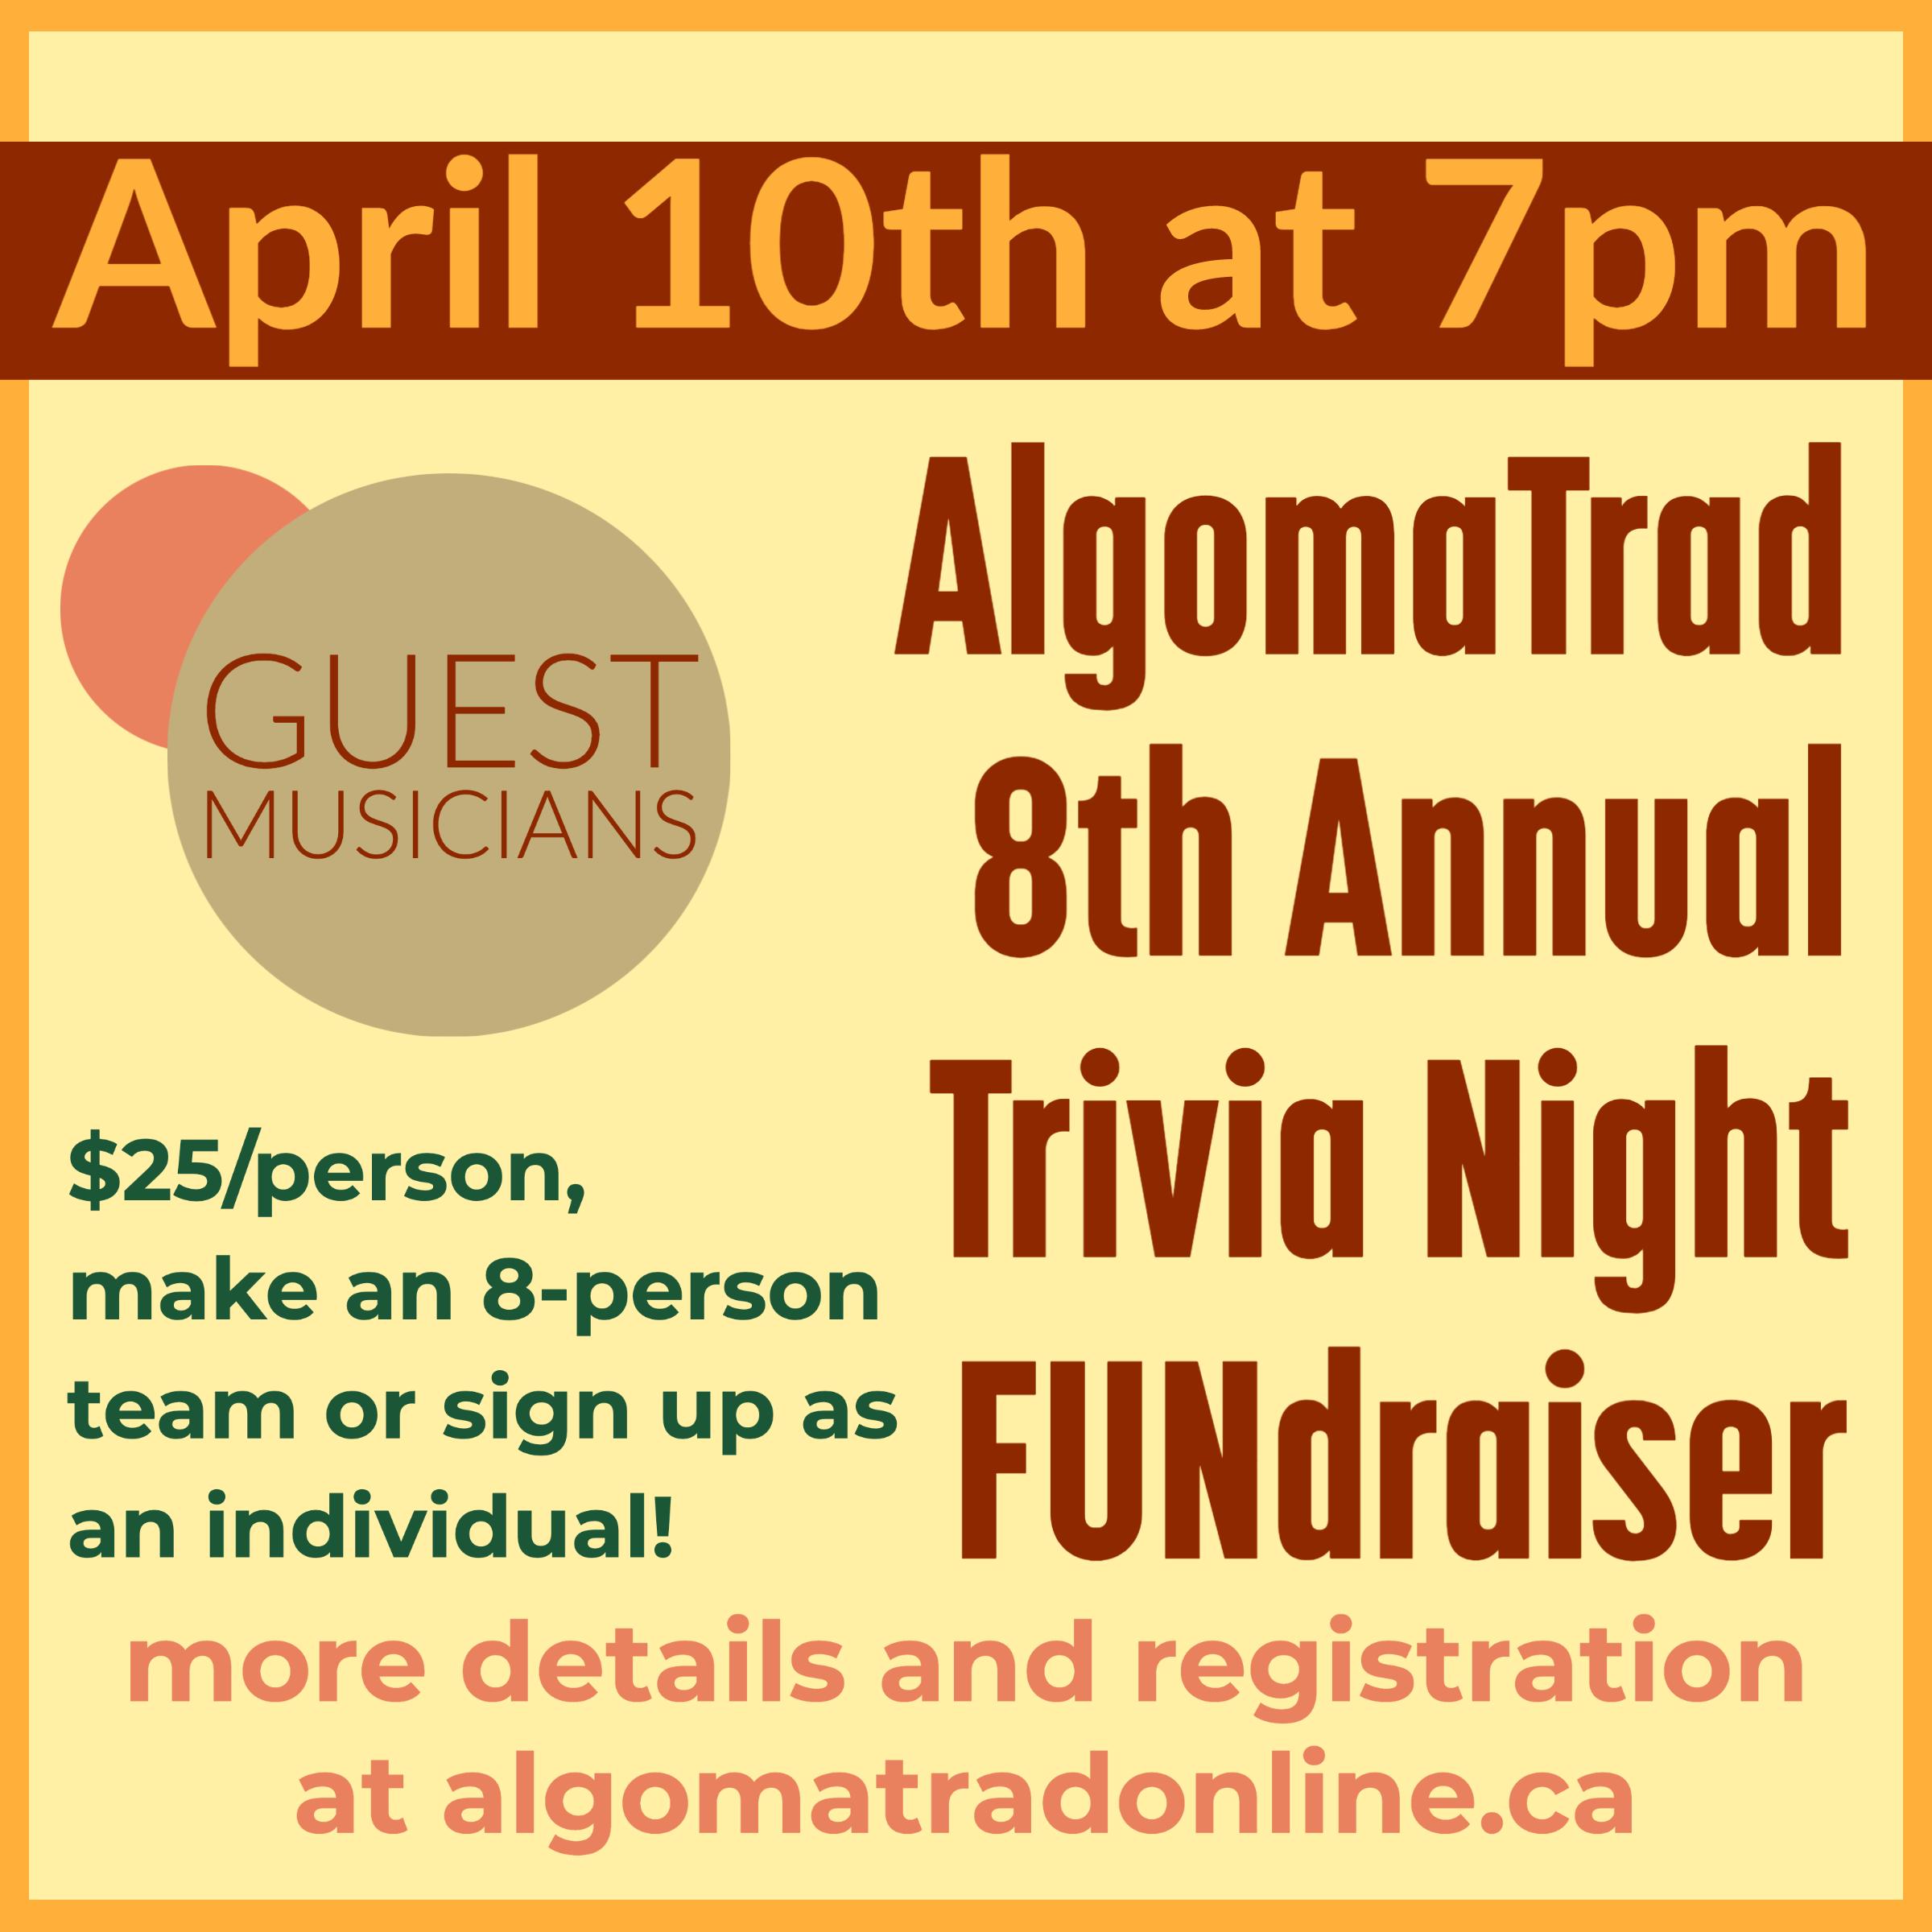 AlgomaTrad Trivia Night Online Fundraiser